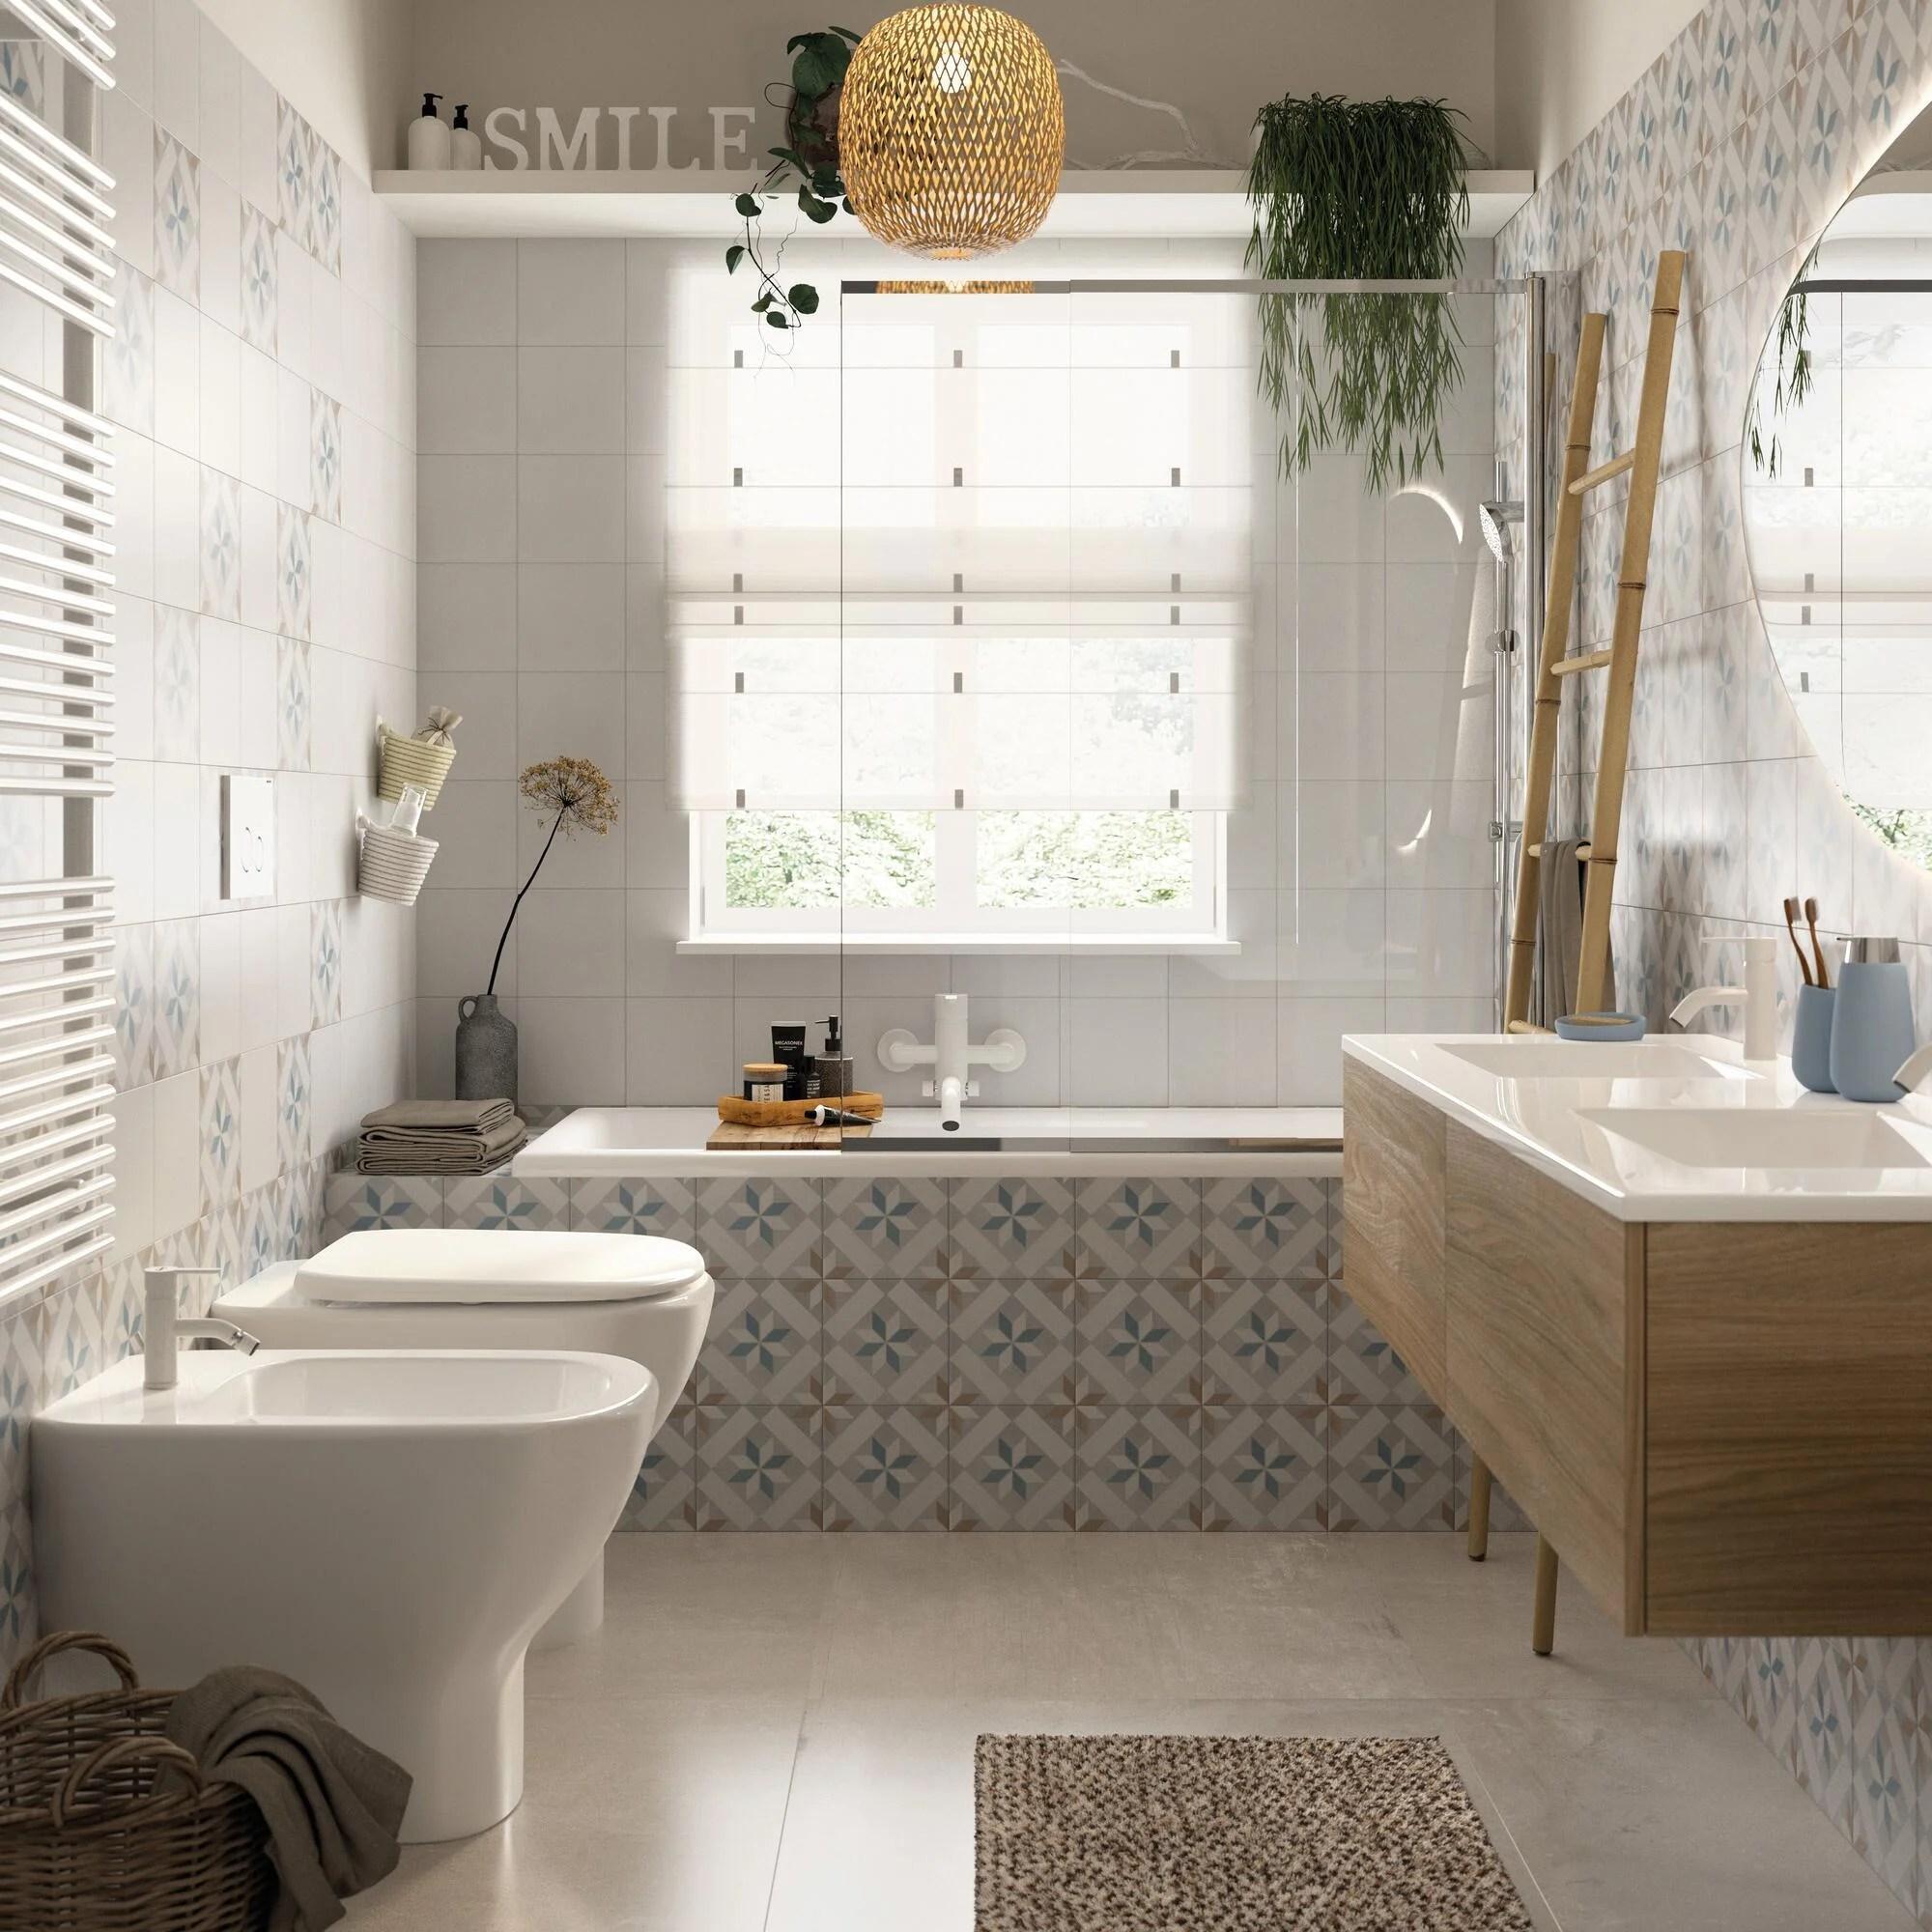 La migliore applique per bagno prezzi e offerte di ottobre 2020. Lampadario Natura Annam Bamboo In Bambu D 30 0 Cm L 1 0 Cm Inspire Leroy Merlin